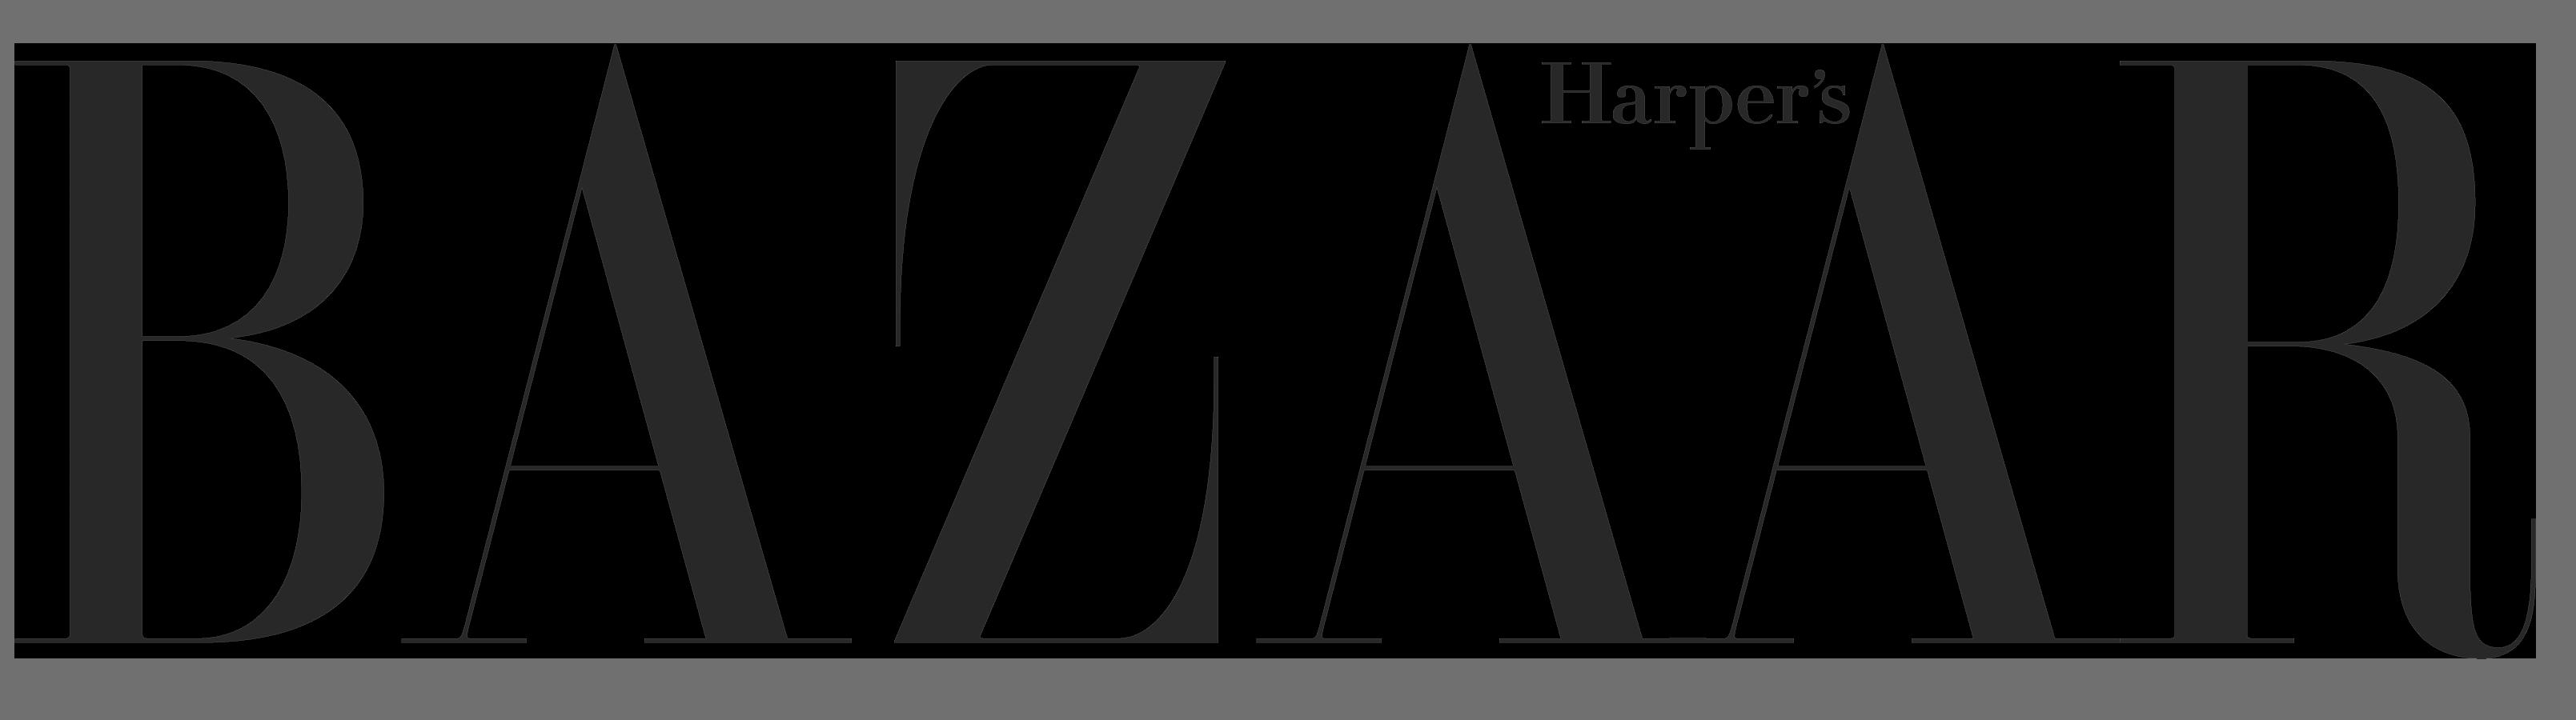 Harper's Bazaar – Logos Download